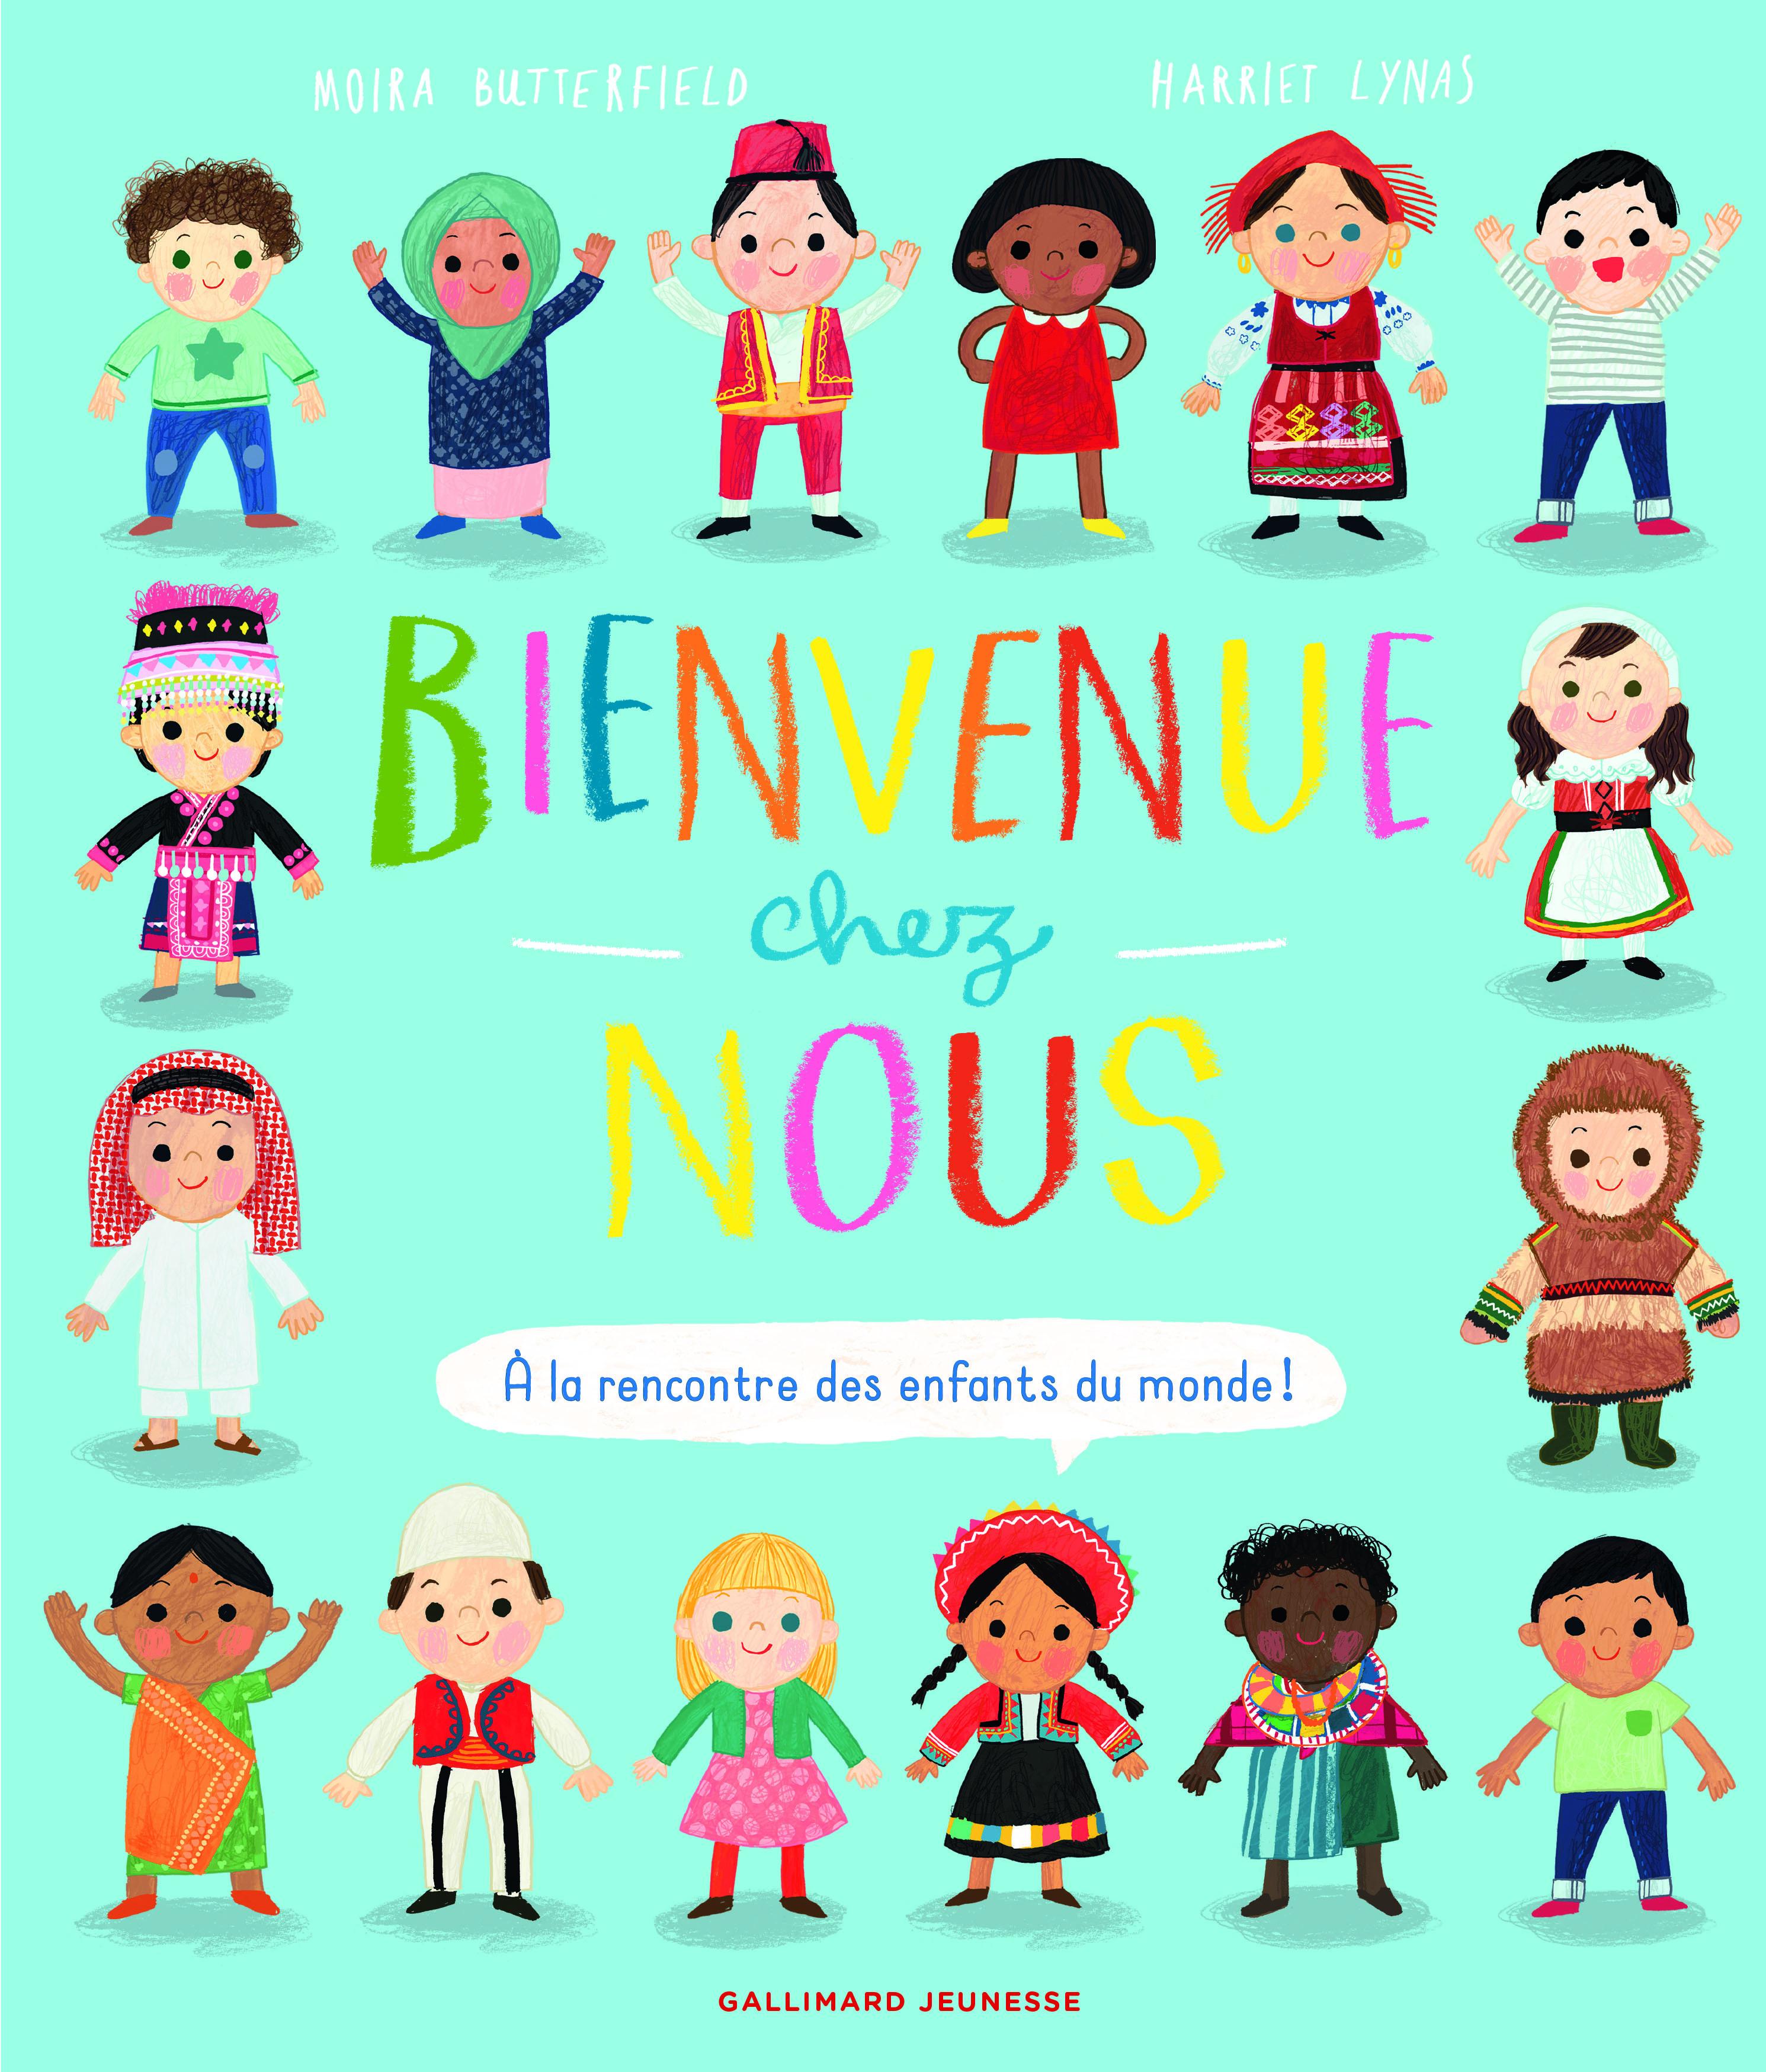 BIENVENUE CHEZ NOUS - A LA RENCONTRE DES ENFANTS DU MONDE !